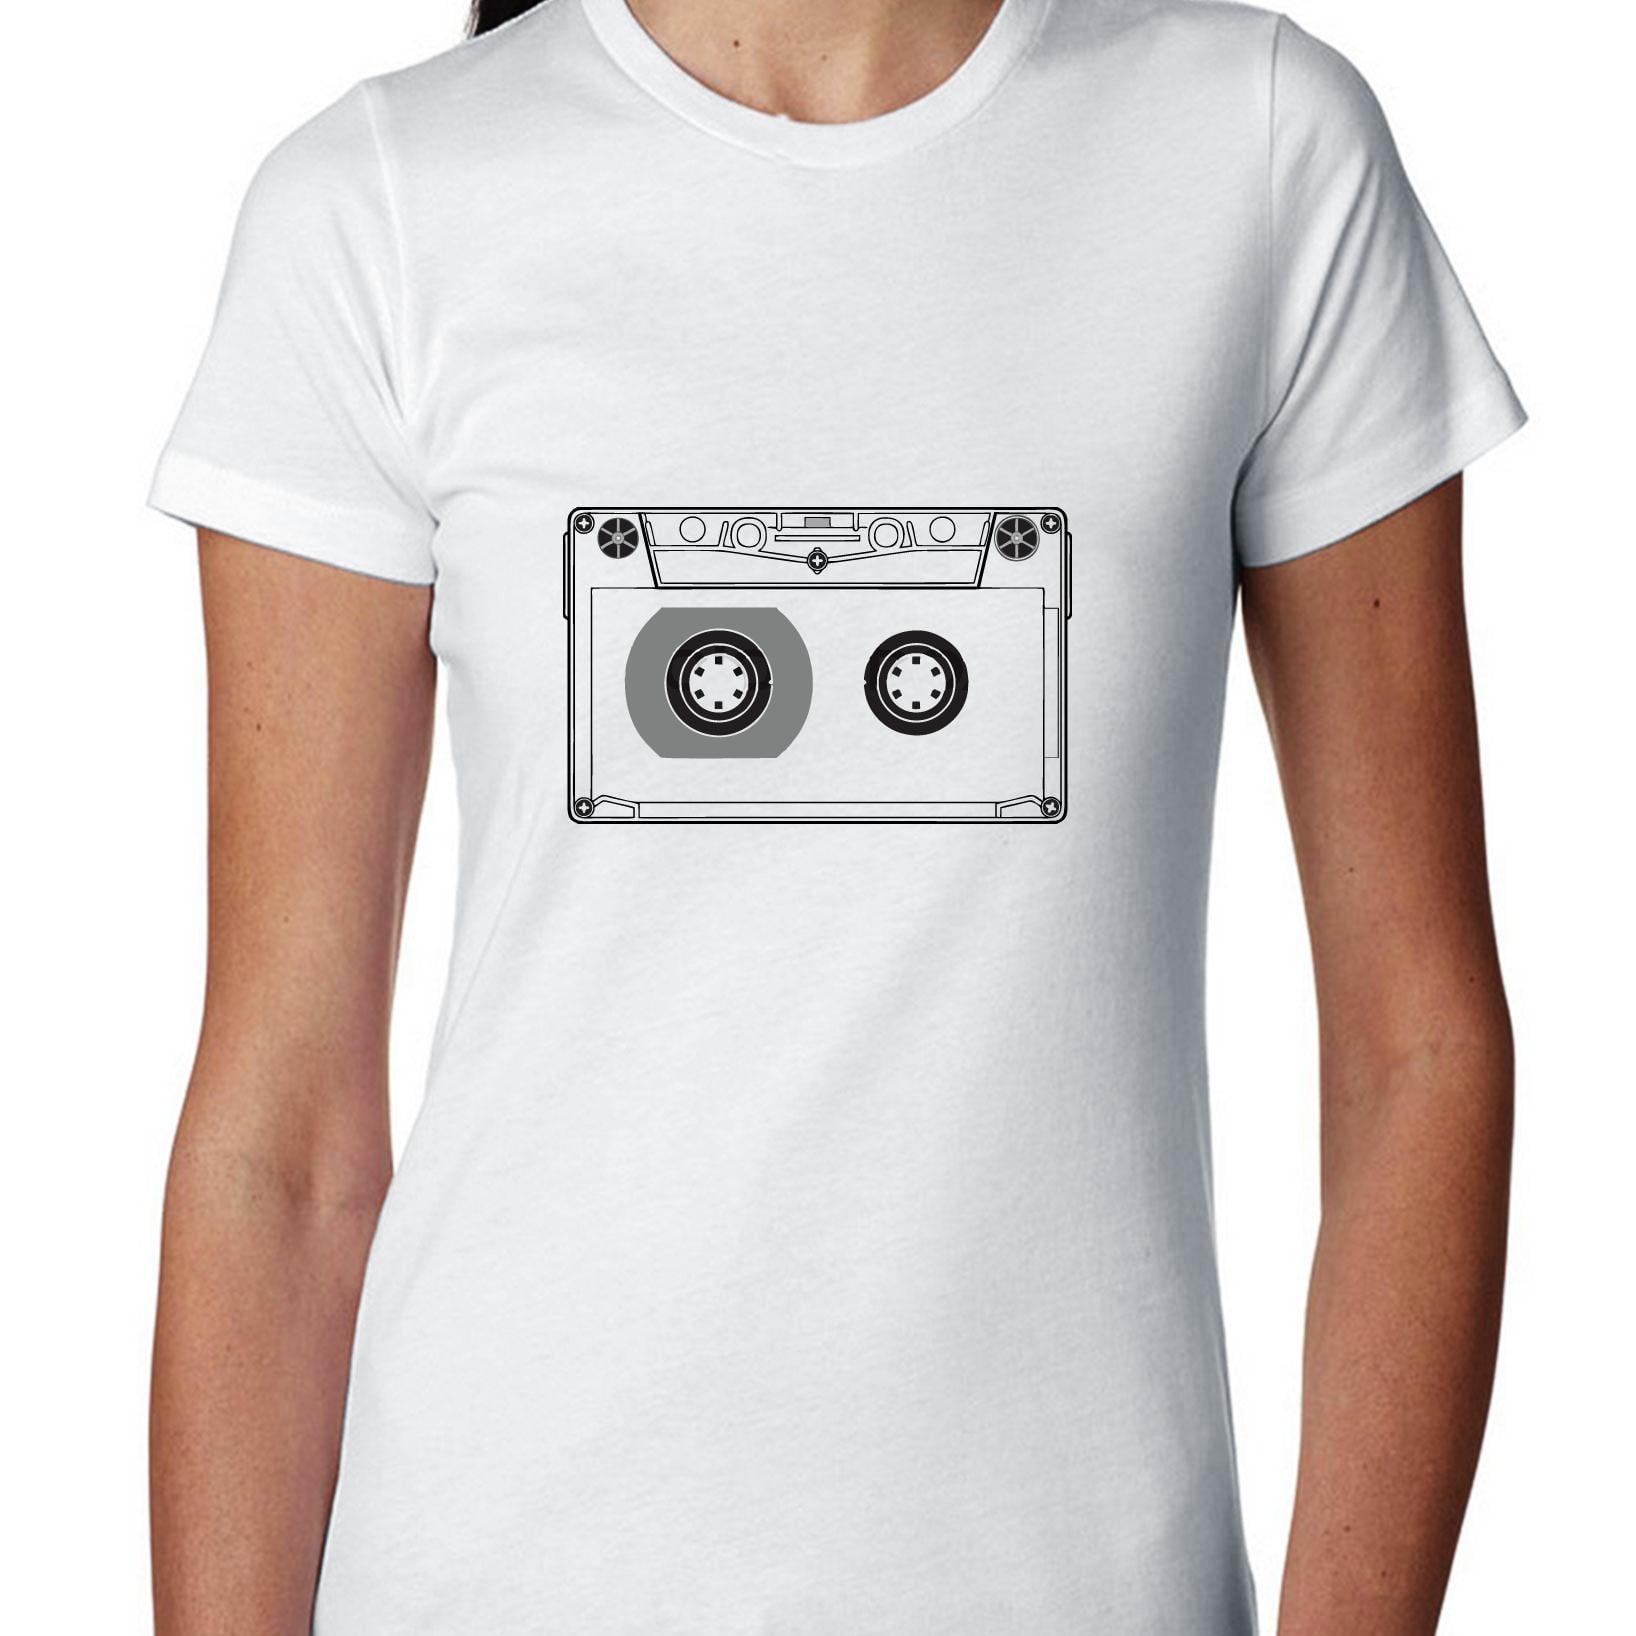 Classic 80s Cassette Tap Silhouette - Cool Women's Cotton T-Shirt